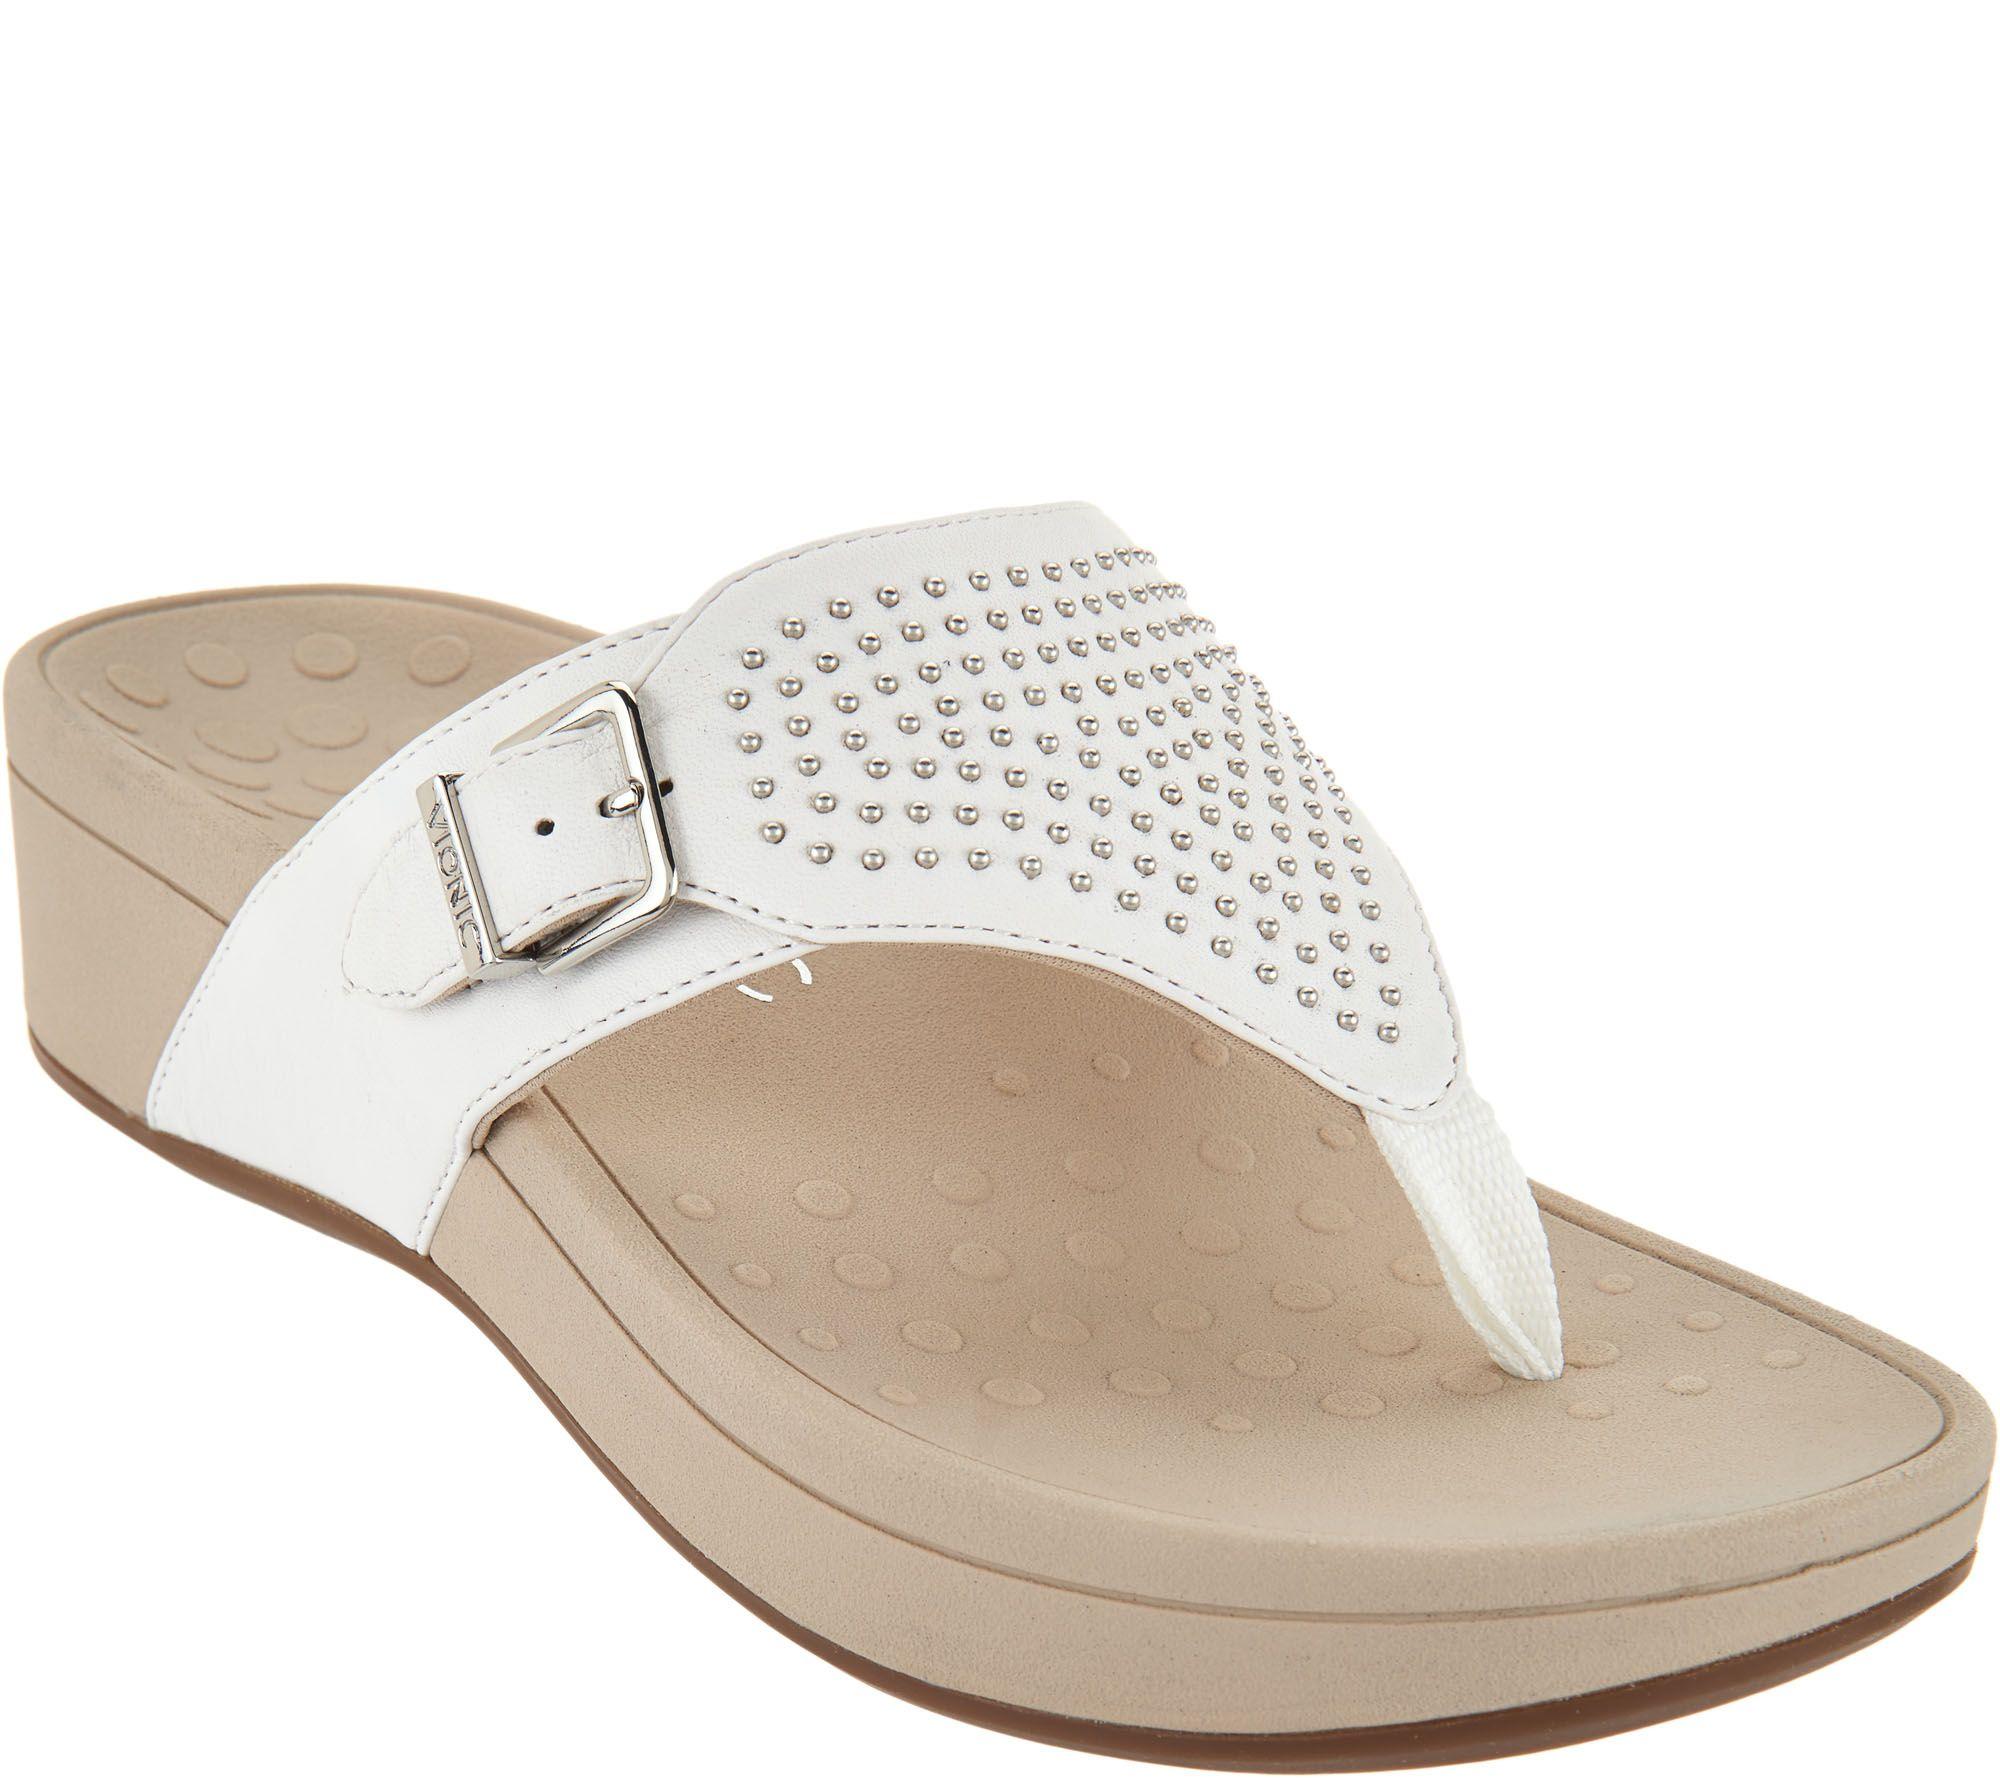 ba45c38c3cd Vionic Platform Sandals w Studs - Capitola - Page 1 — QVC.com